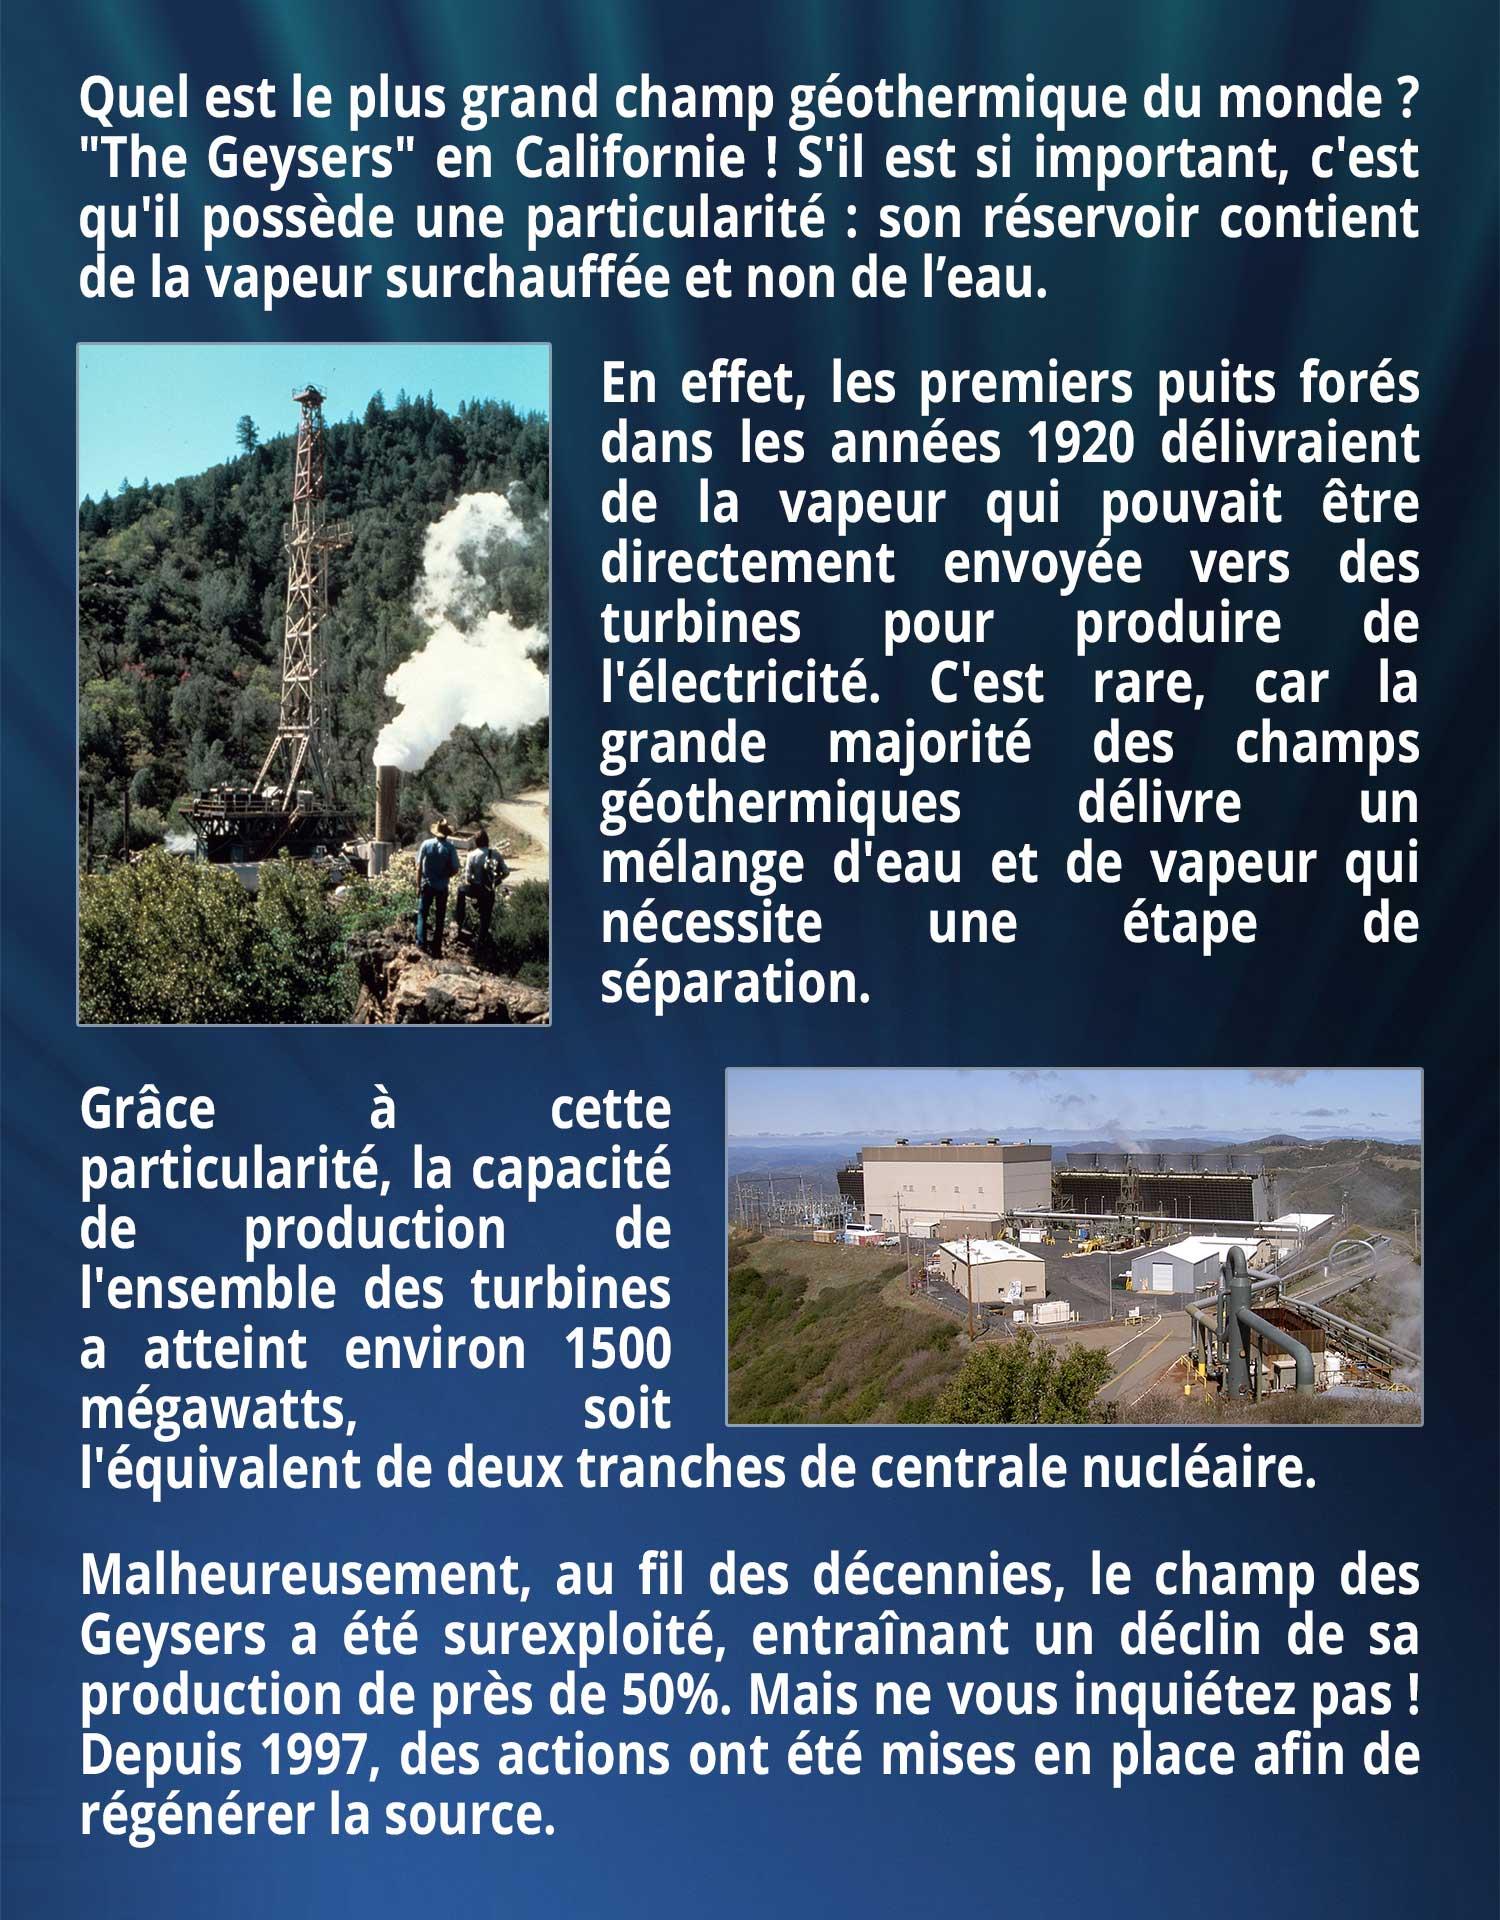 Quel est le plus grand champ géothermique du monde ?